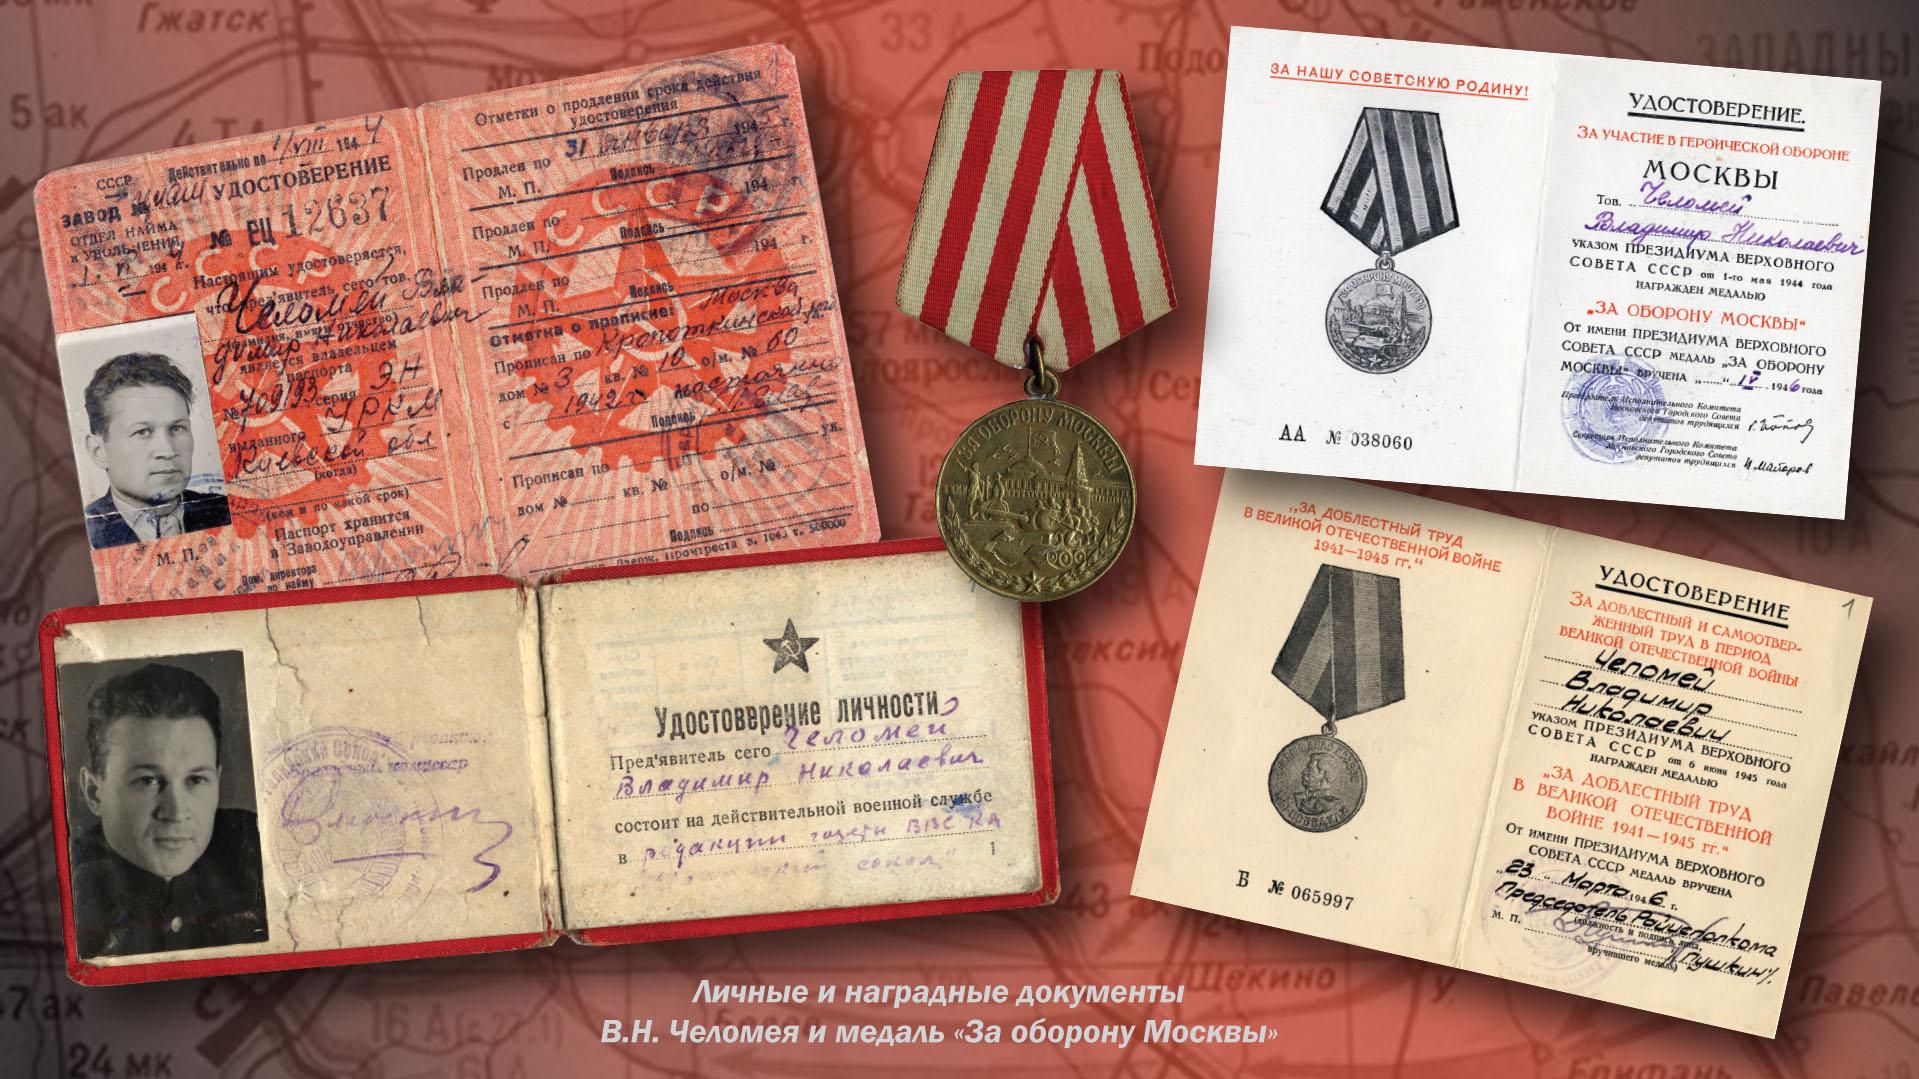 Личные и наградные документы В.Н. Челомея